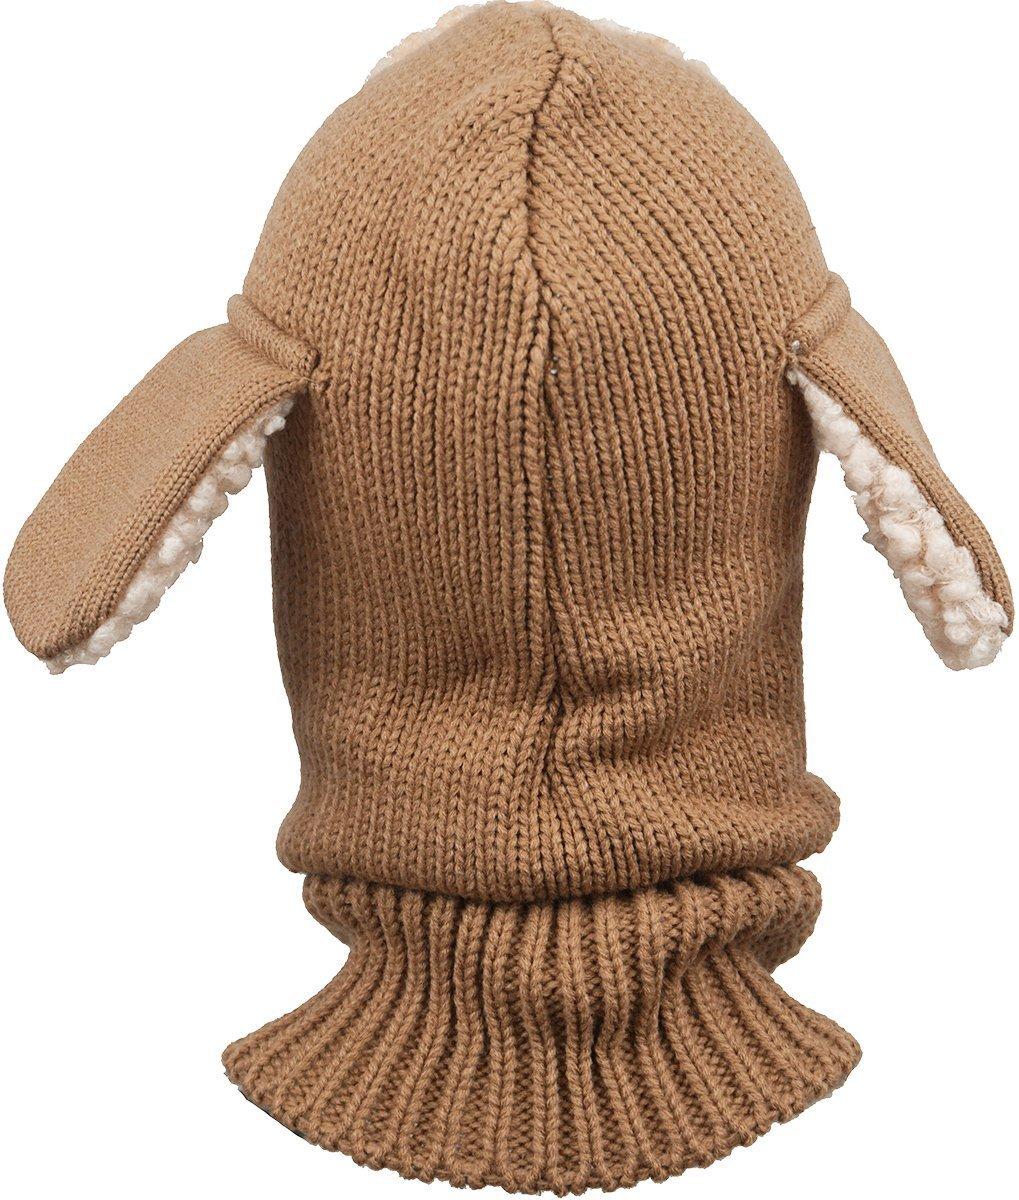 43c1fb799 Invierno del bebé Niños Chicas Chicos Tejido Gorro Punto Caliente lana  Cofia Capucha Bufanda Caps Sombreros